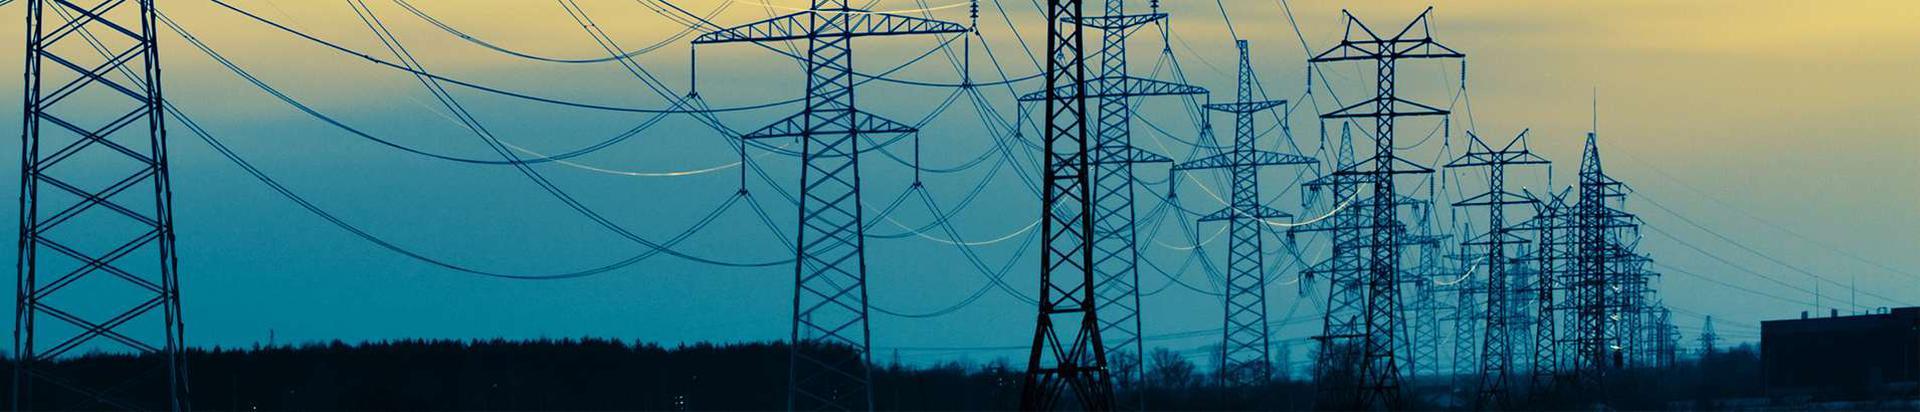 elektrienergia, energeetika, energeetika ja maavarad, küte, ärijuhtimine, kontoriteenused, energiabilansi koostamine, ehitustegevus, remont, paigaldustööd